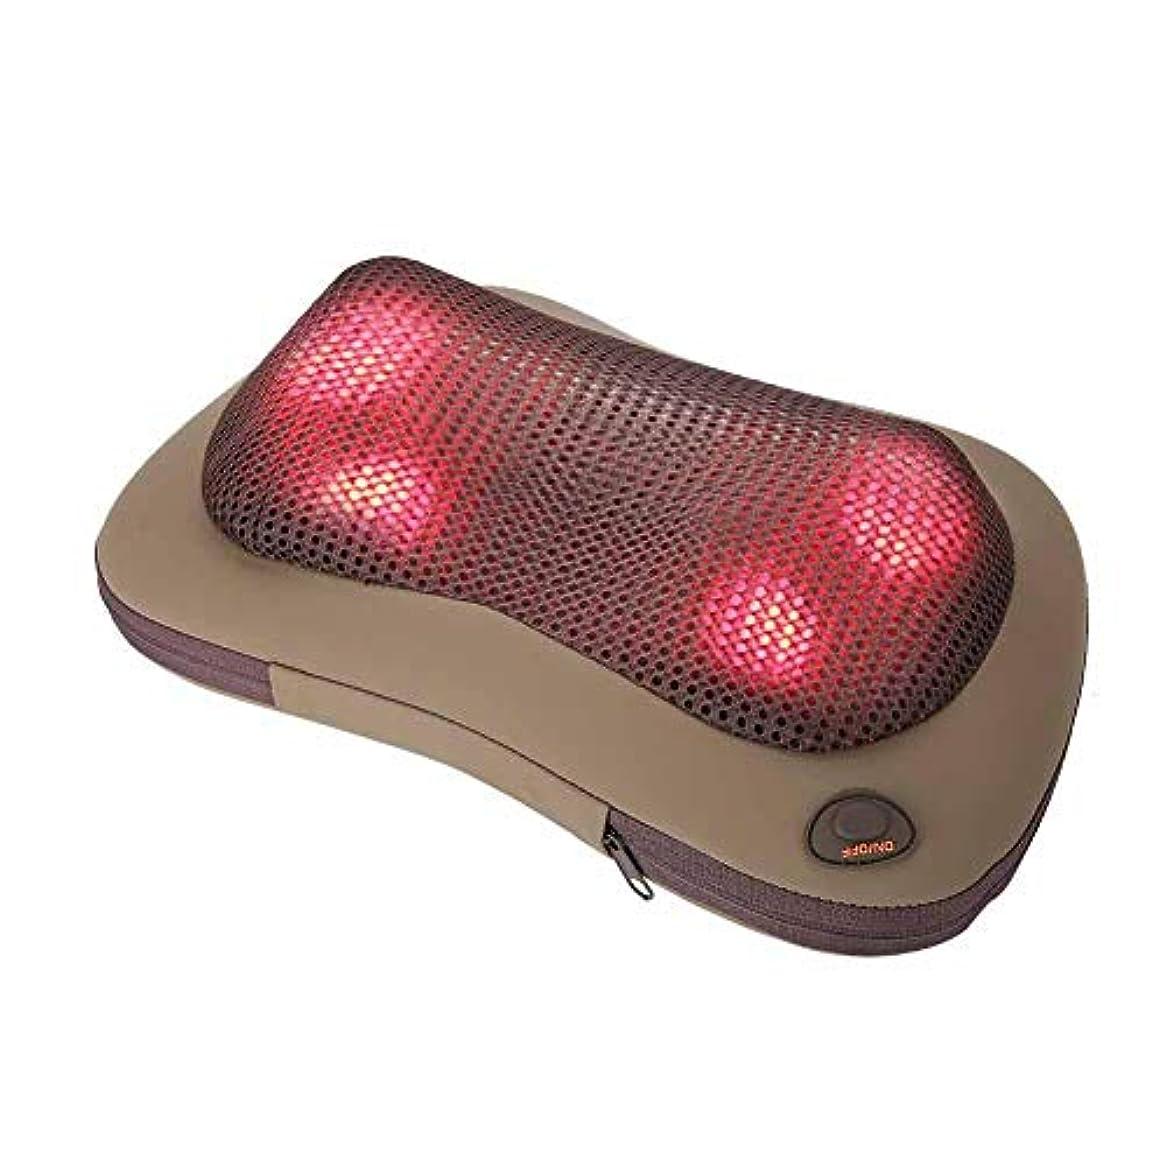 統合忌まわしいブラシ携帯用 電気マッサージ 枕 暖房療法 首 ウエスト 足 腕 マッサージ用具(グレー)